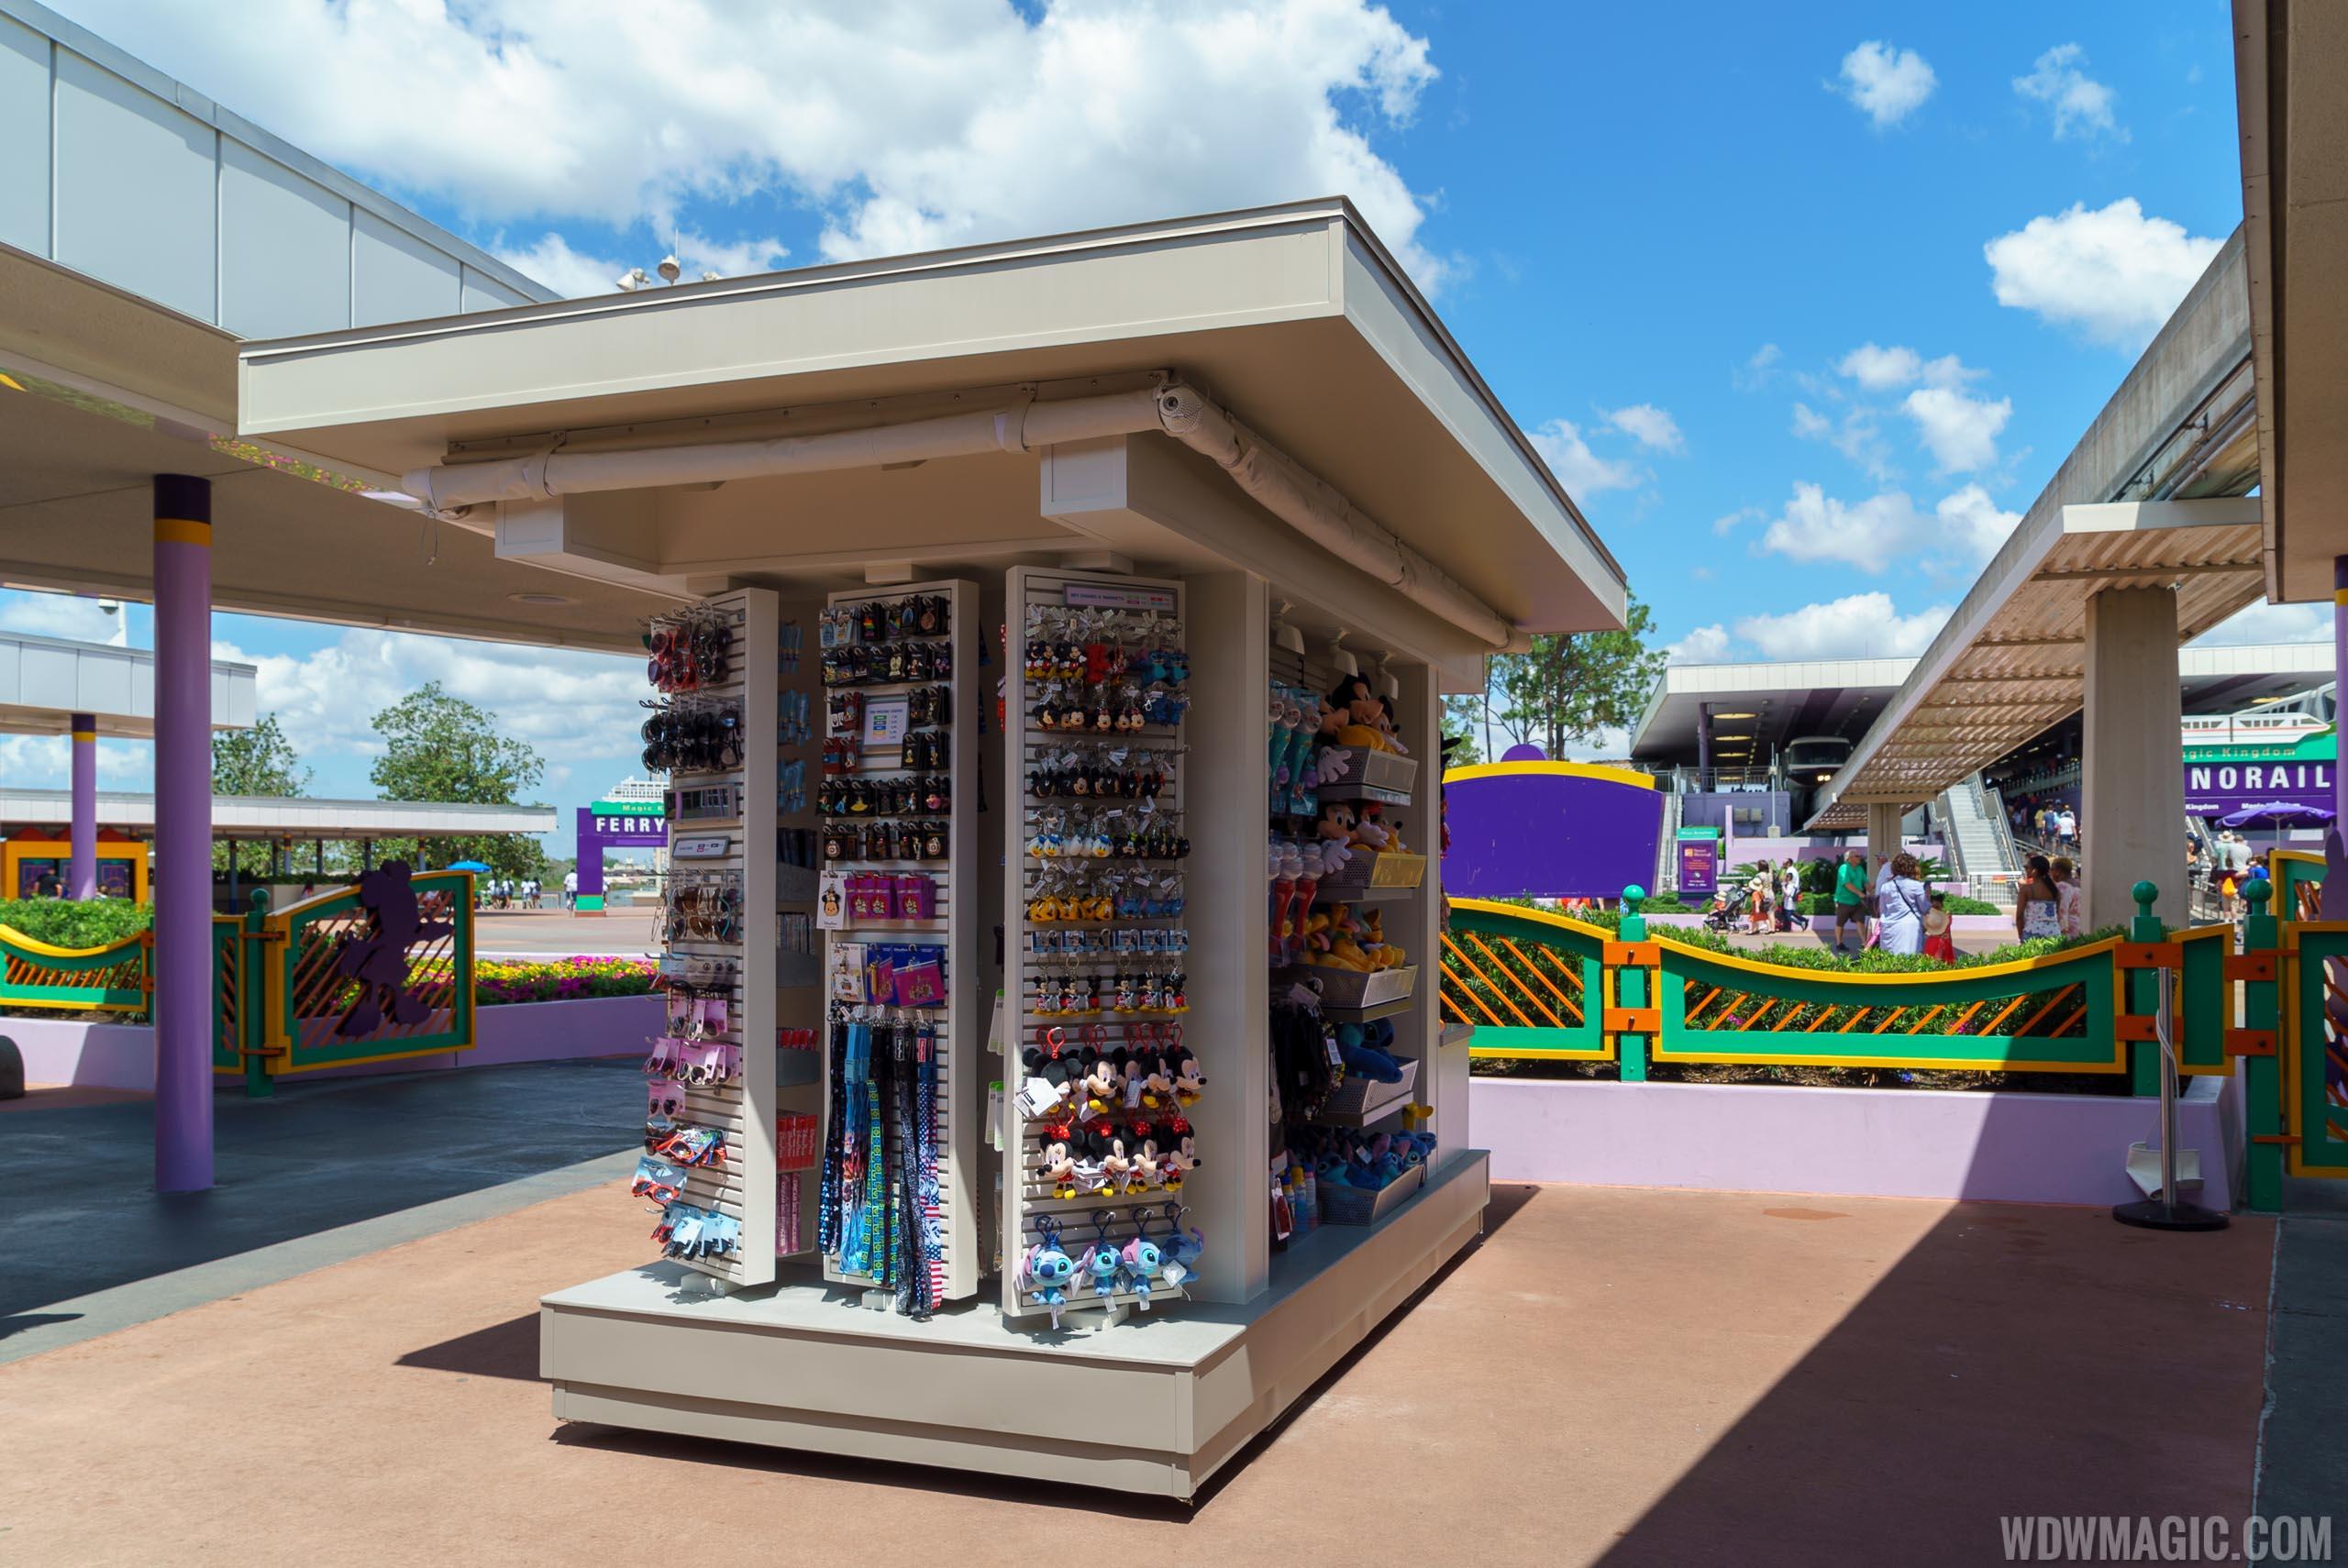 New merchandise kiosk at the TTC